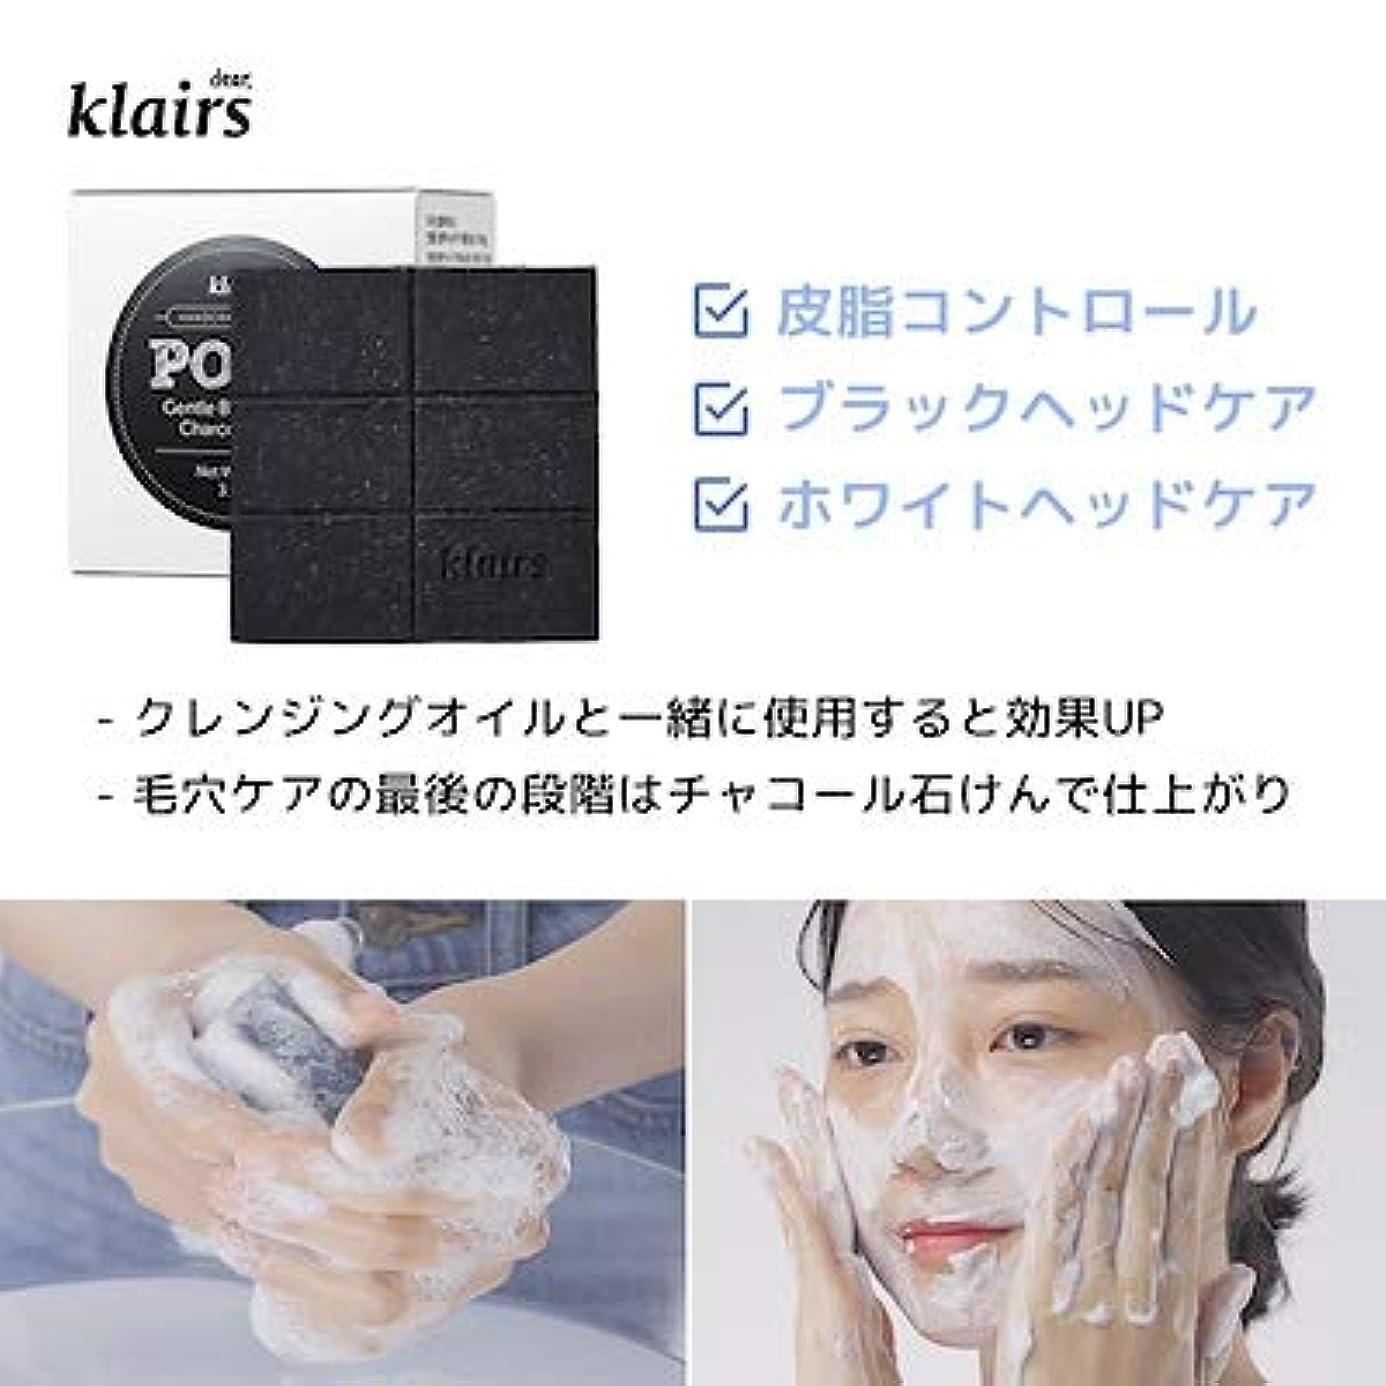 圧縮された仮定、想定。推測絶滅したKLAIRS(クレアズ) ジェントルブラックシュガーチャコール石けん, Gentle Black Sugar Charcol Soap 120g [並行輸入品]